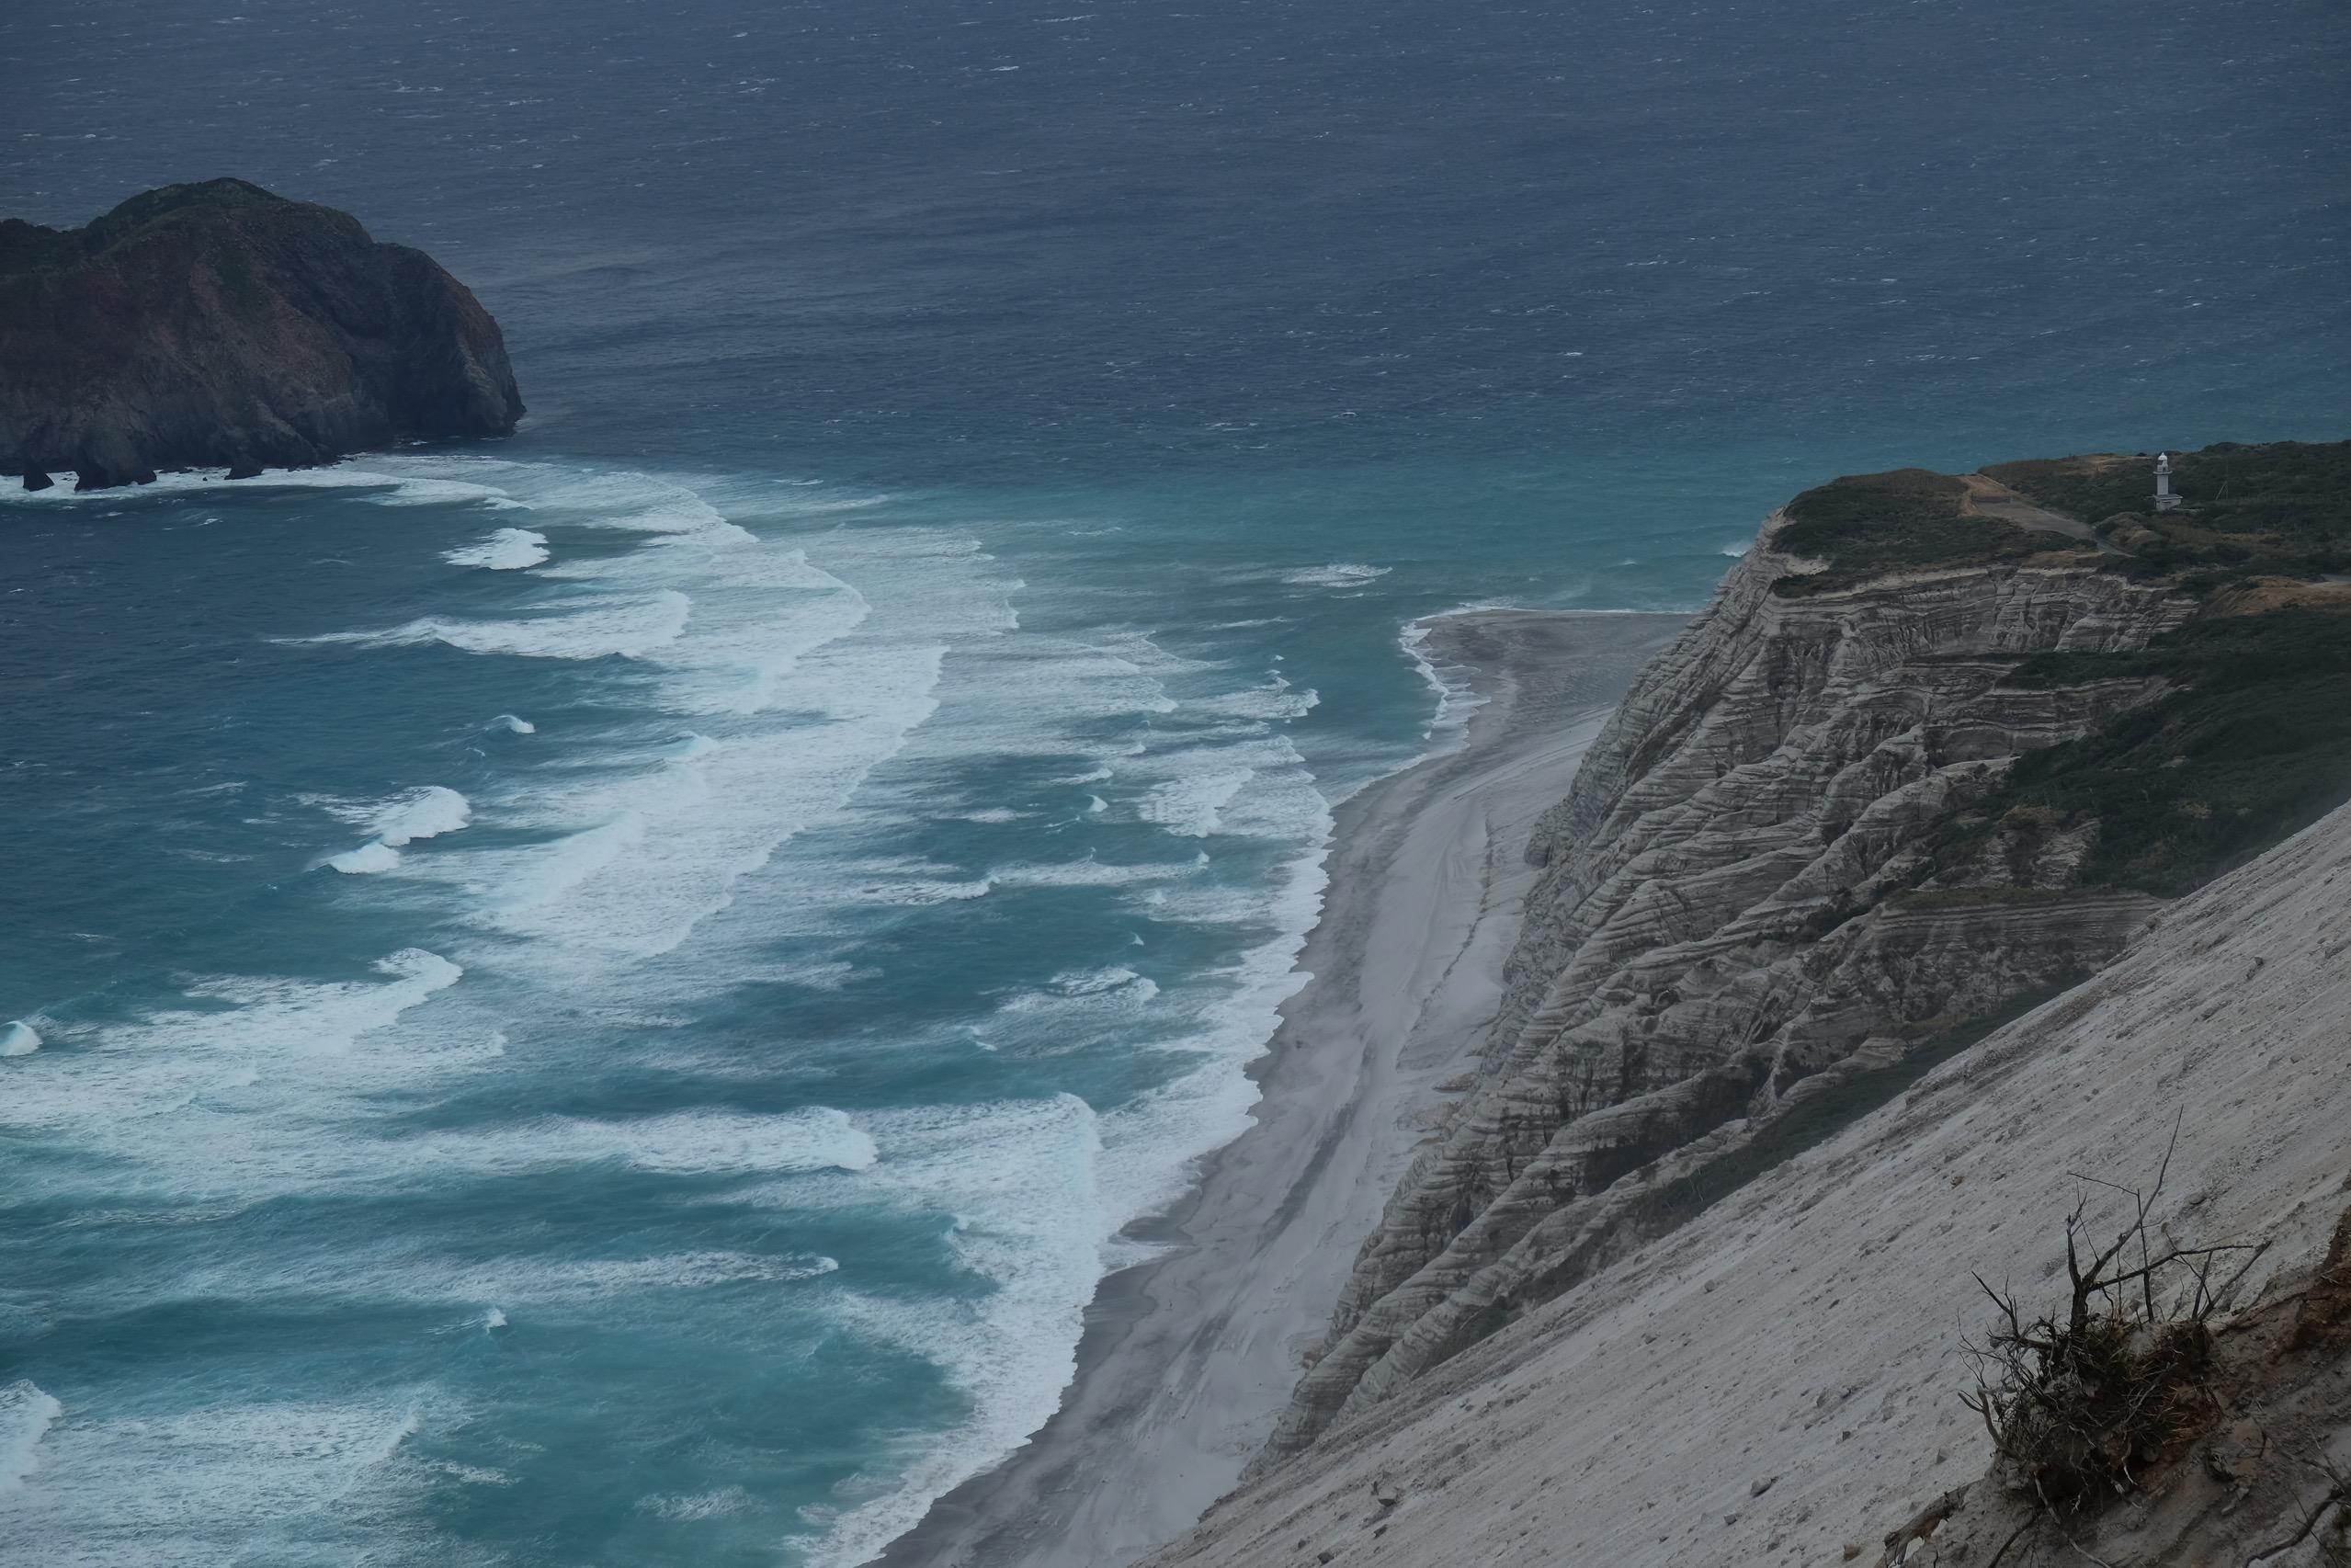 地元の人がオススメする絶景の見られる新島の秘境スポット #tokyo島旅山旅 #新島